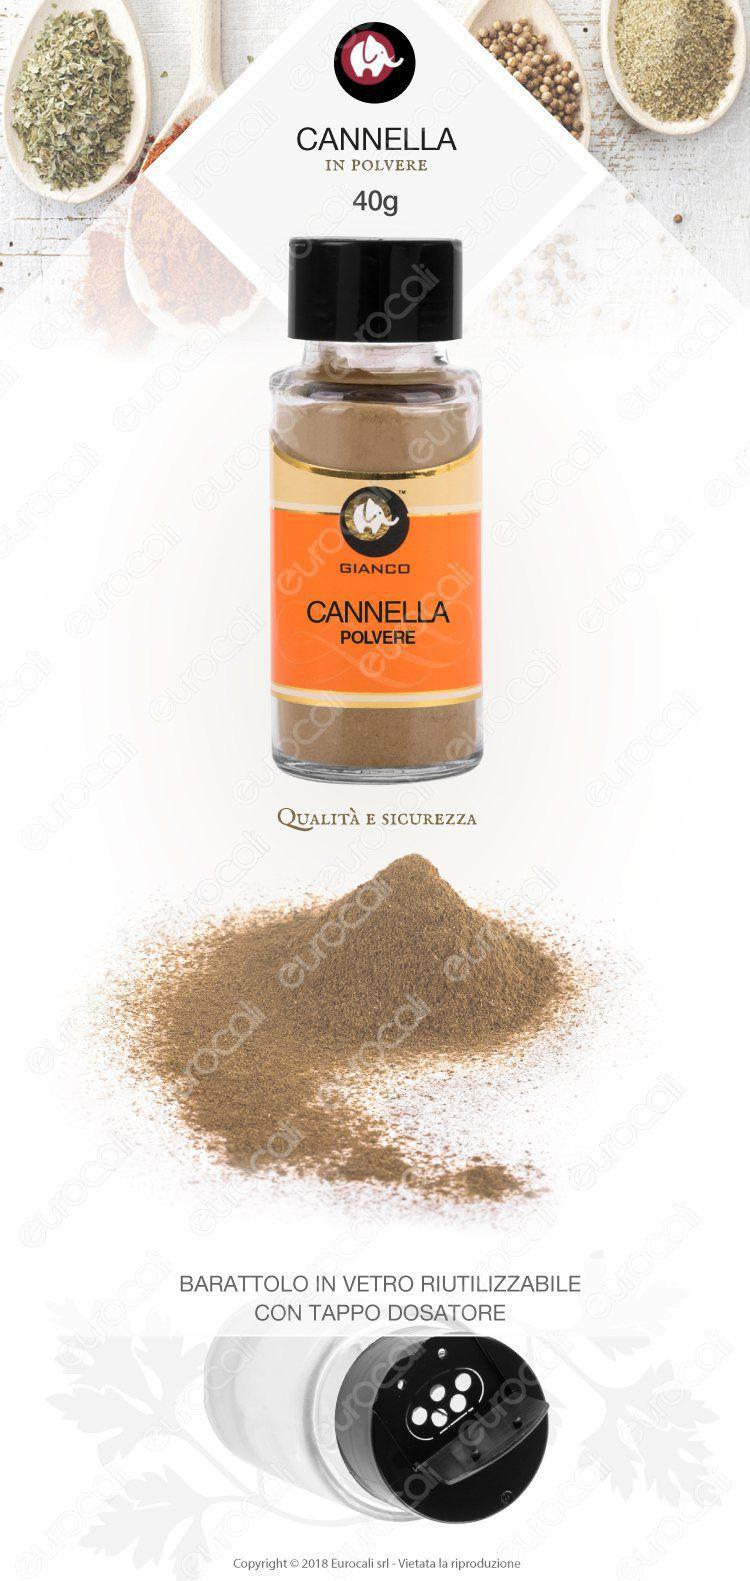 Gianco Cannella Polvere